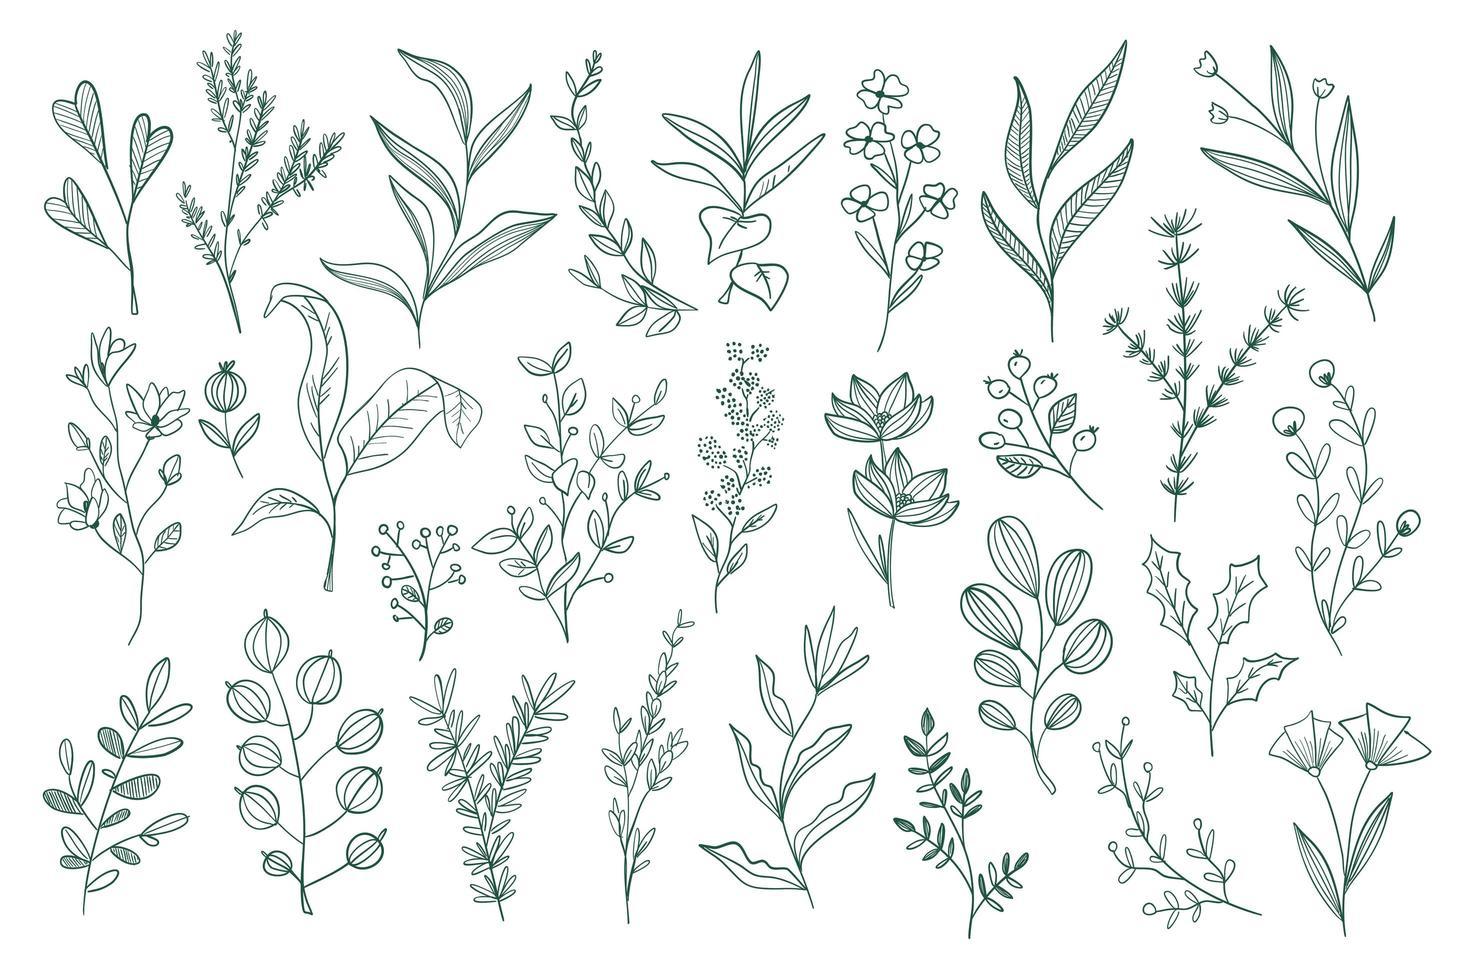 ensemble de griffonnages floraux dessinés à la main vecteur